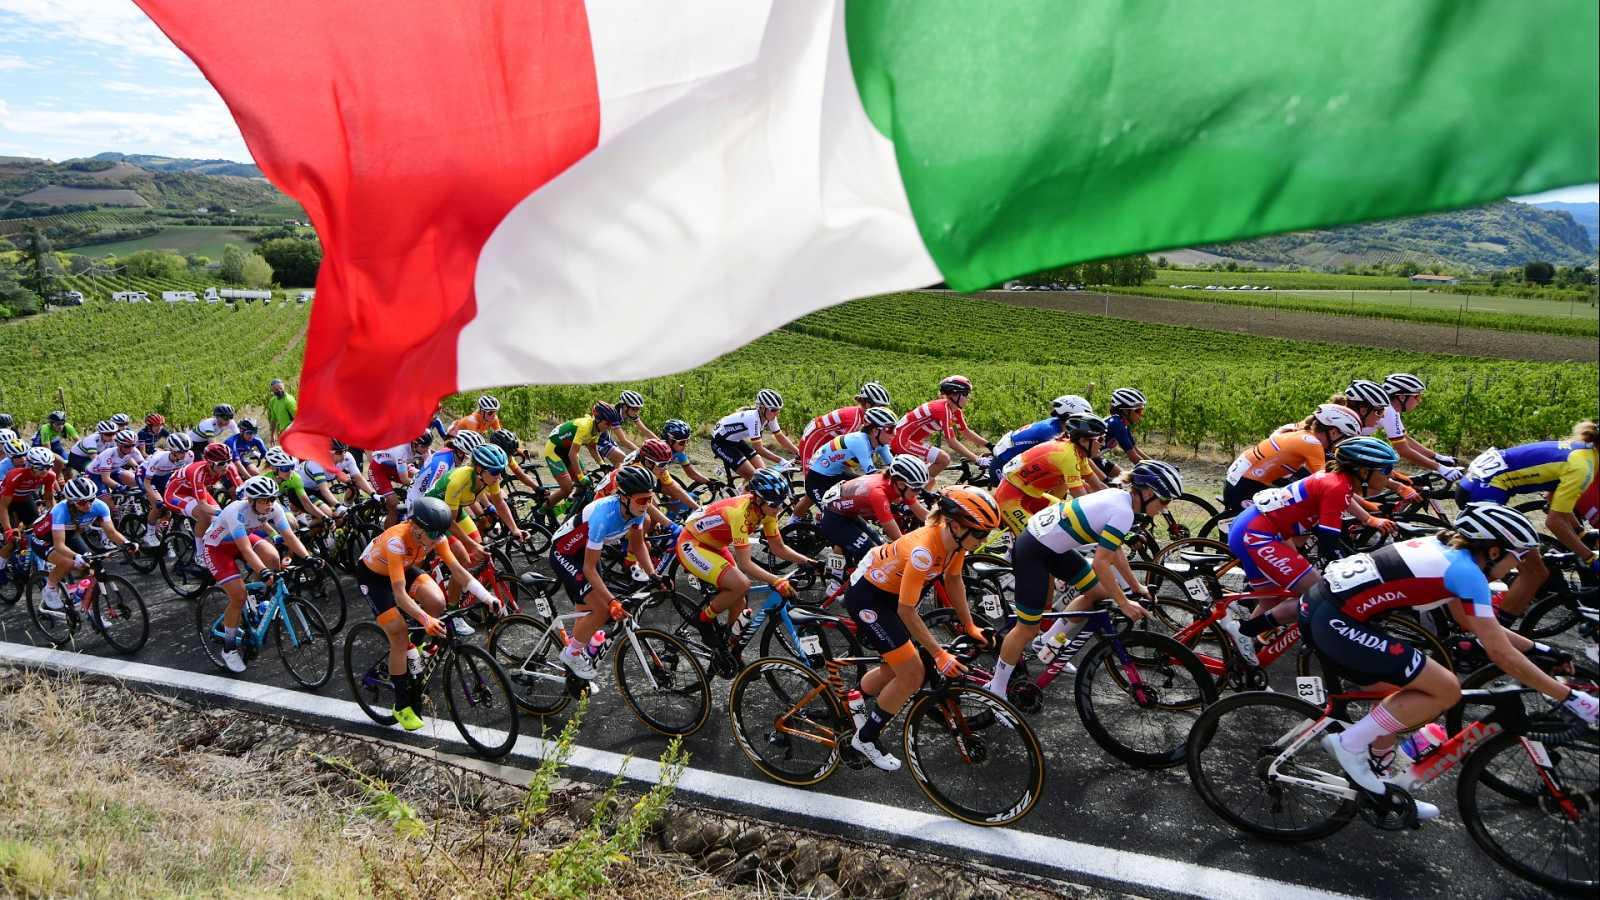 Ciclismo - Campeonato del Mundo en Ruta. Contrarreloj élite femenina (1) - ver ahora